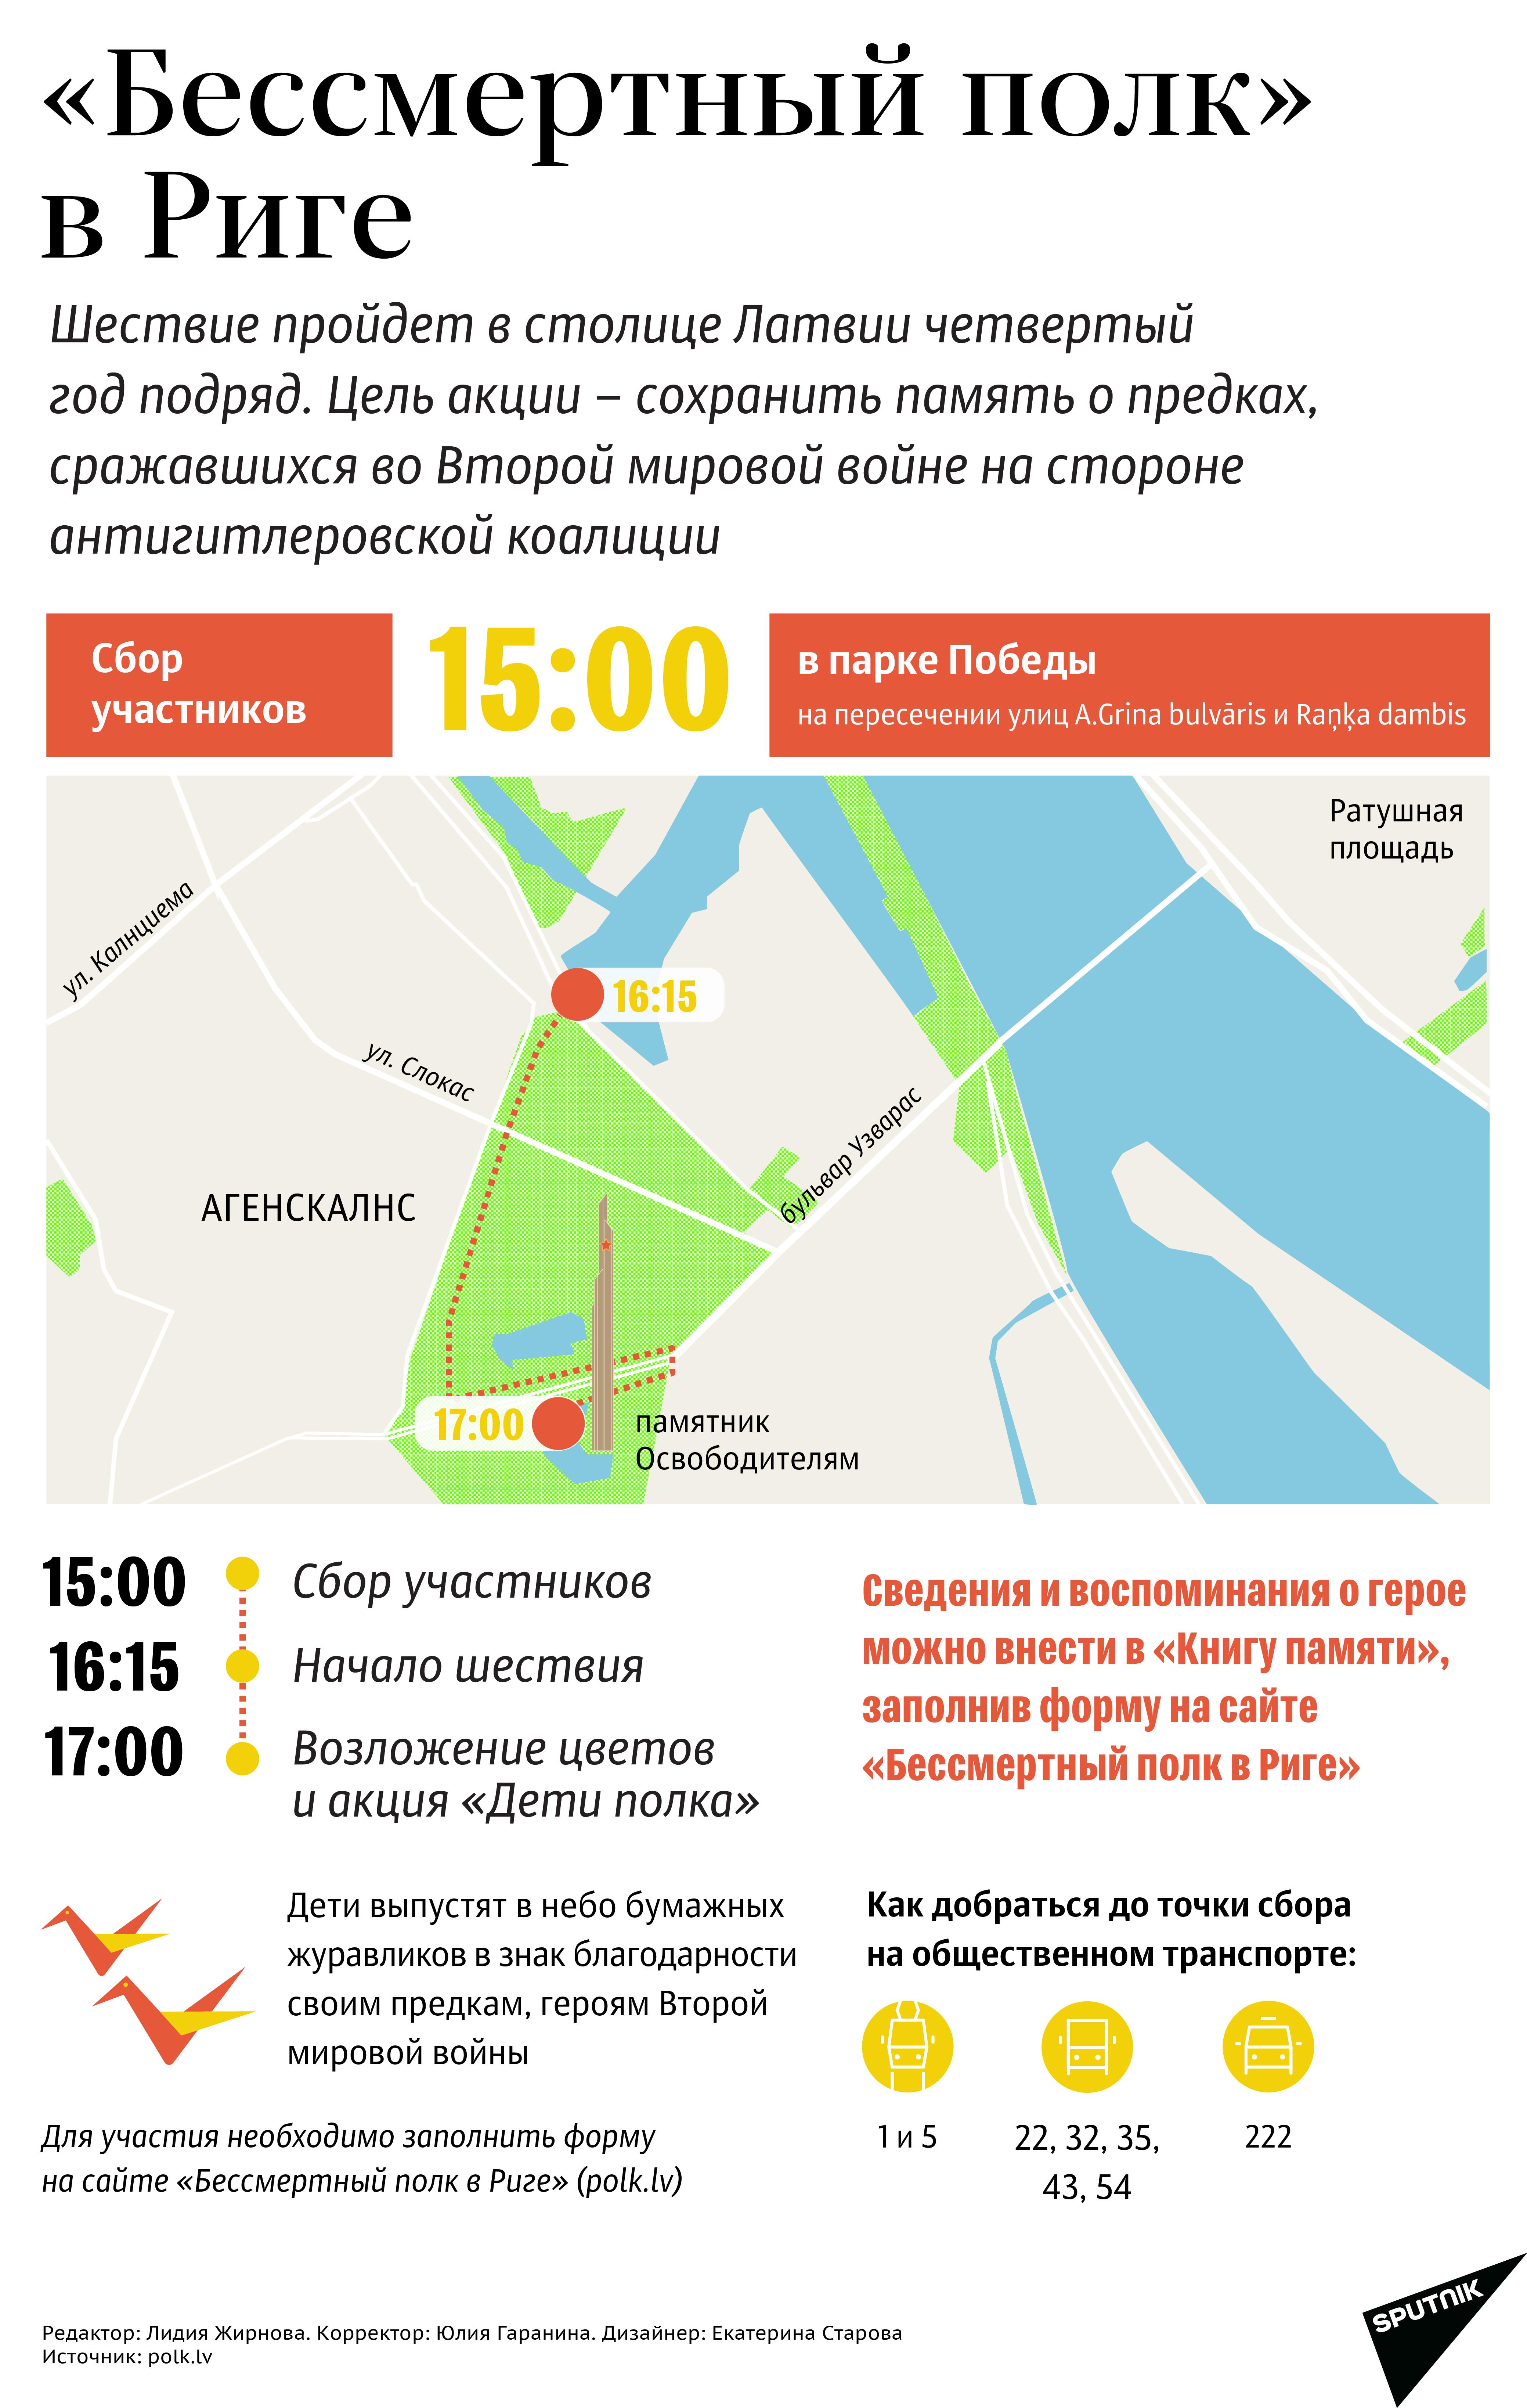 «Бессмертный полк» в Риге - Sputnik Латвия